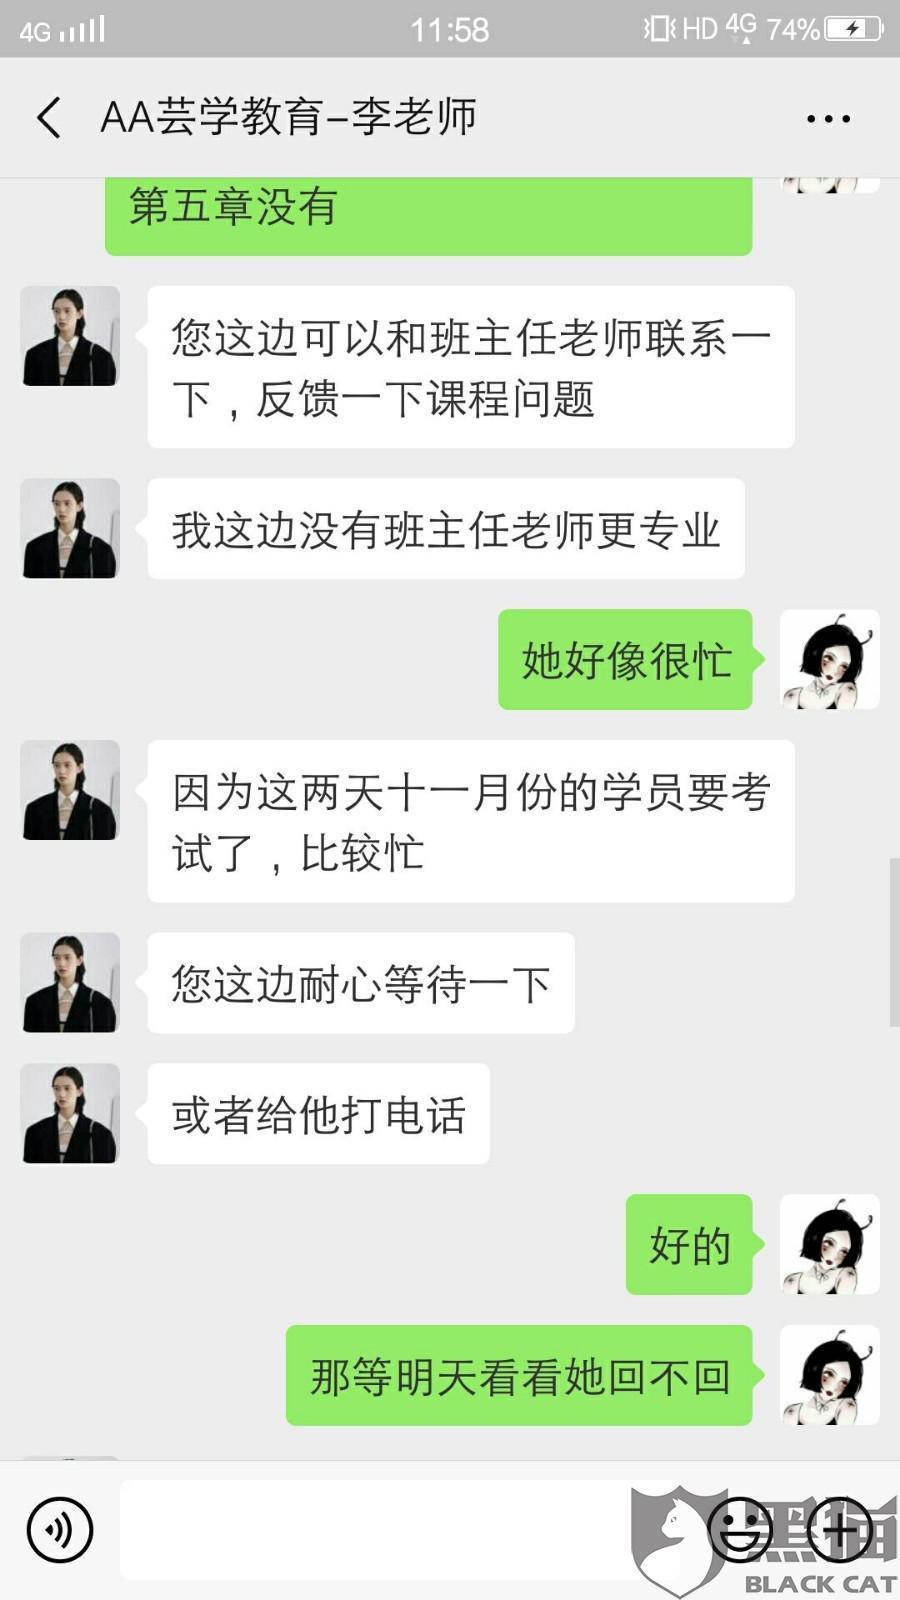 黑猫投诉:北京芸学教育科技涉及虚假宣传、机构证书国家不认可